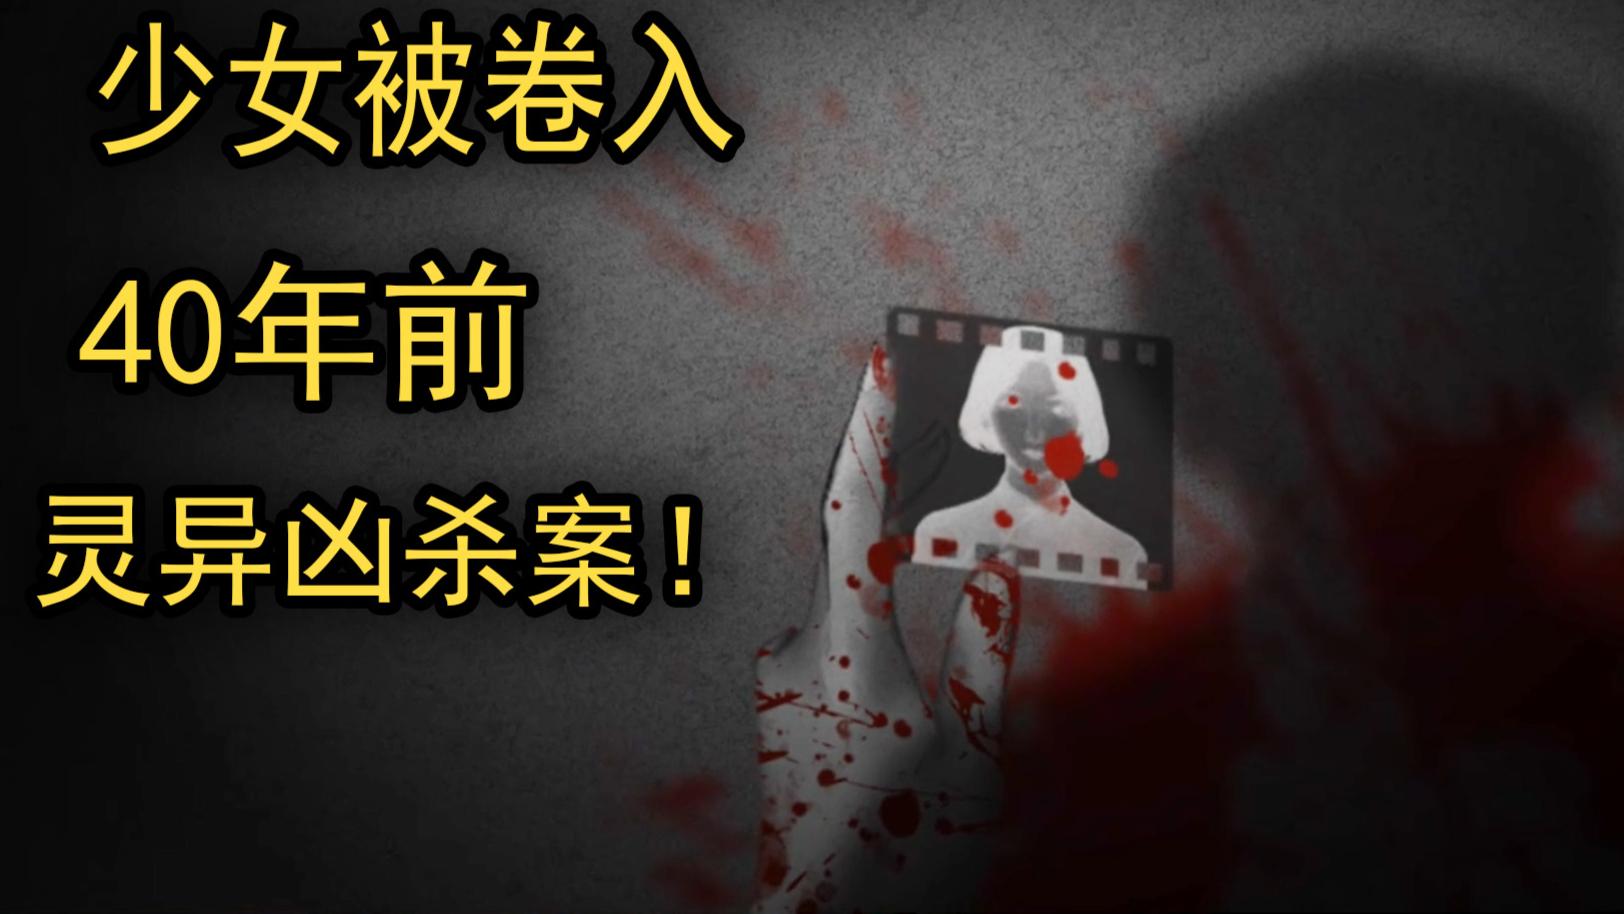 由中国岭南地区恐怖事件改编游戏!《鬼哭岭》